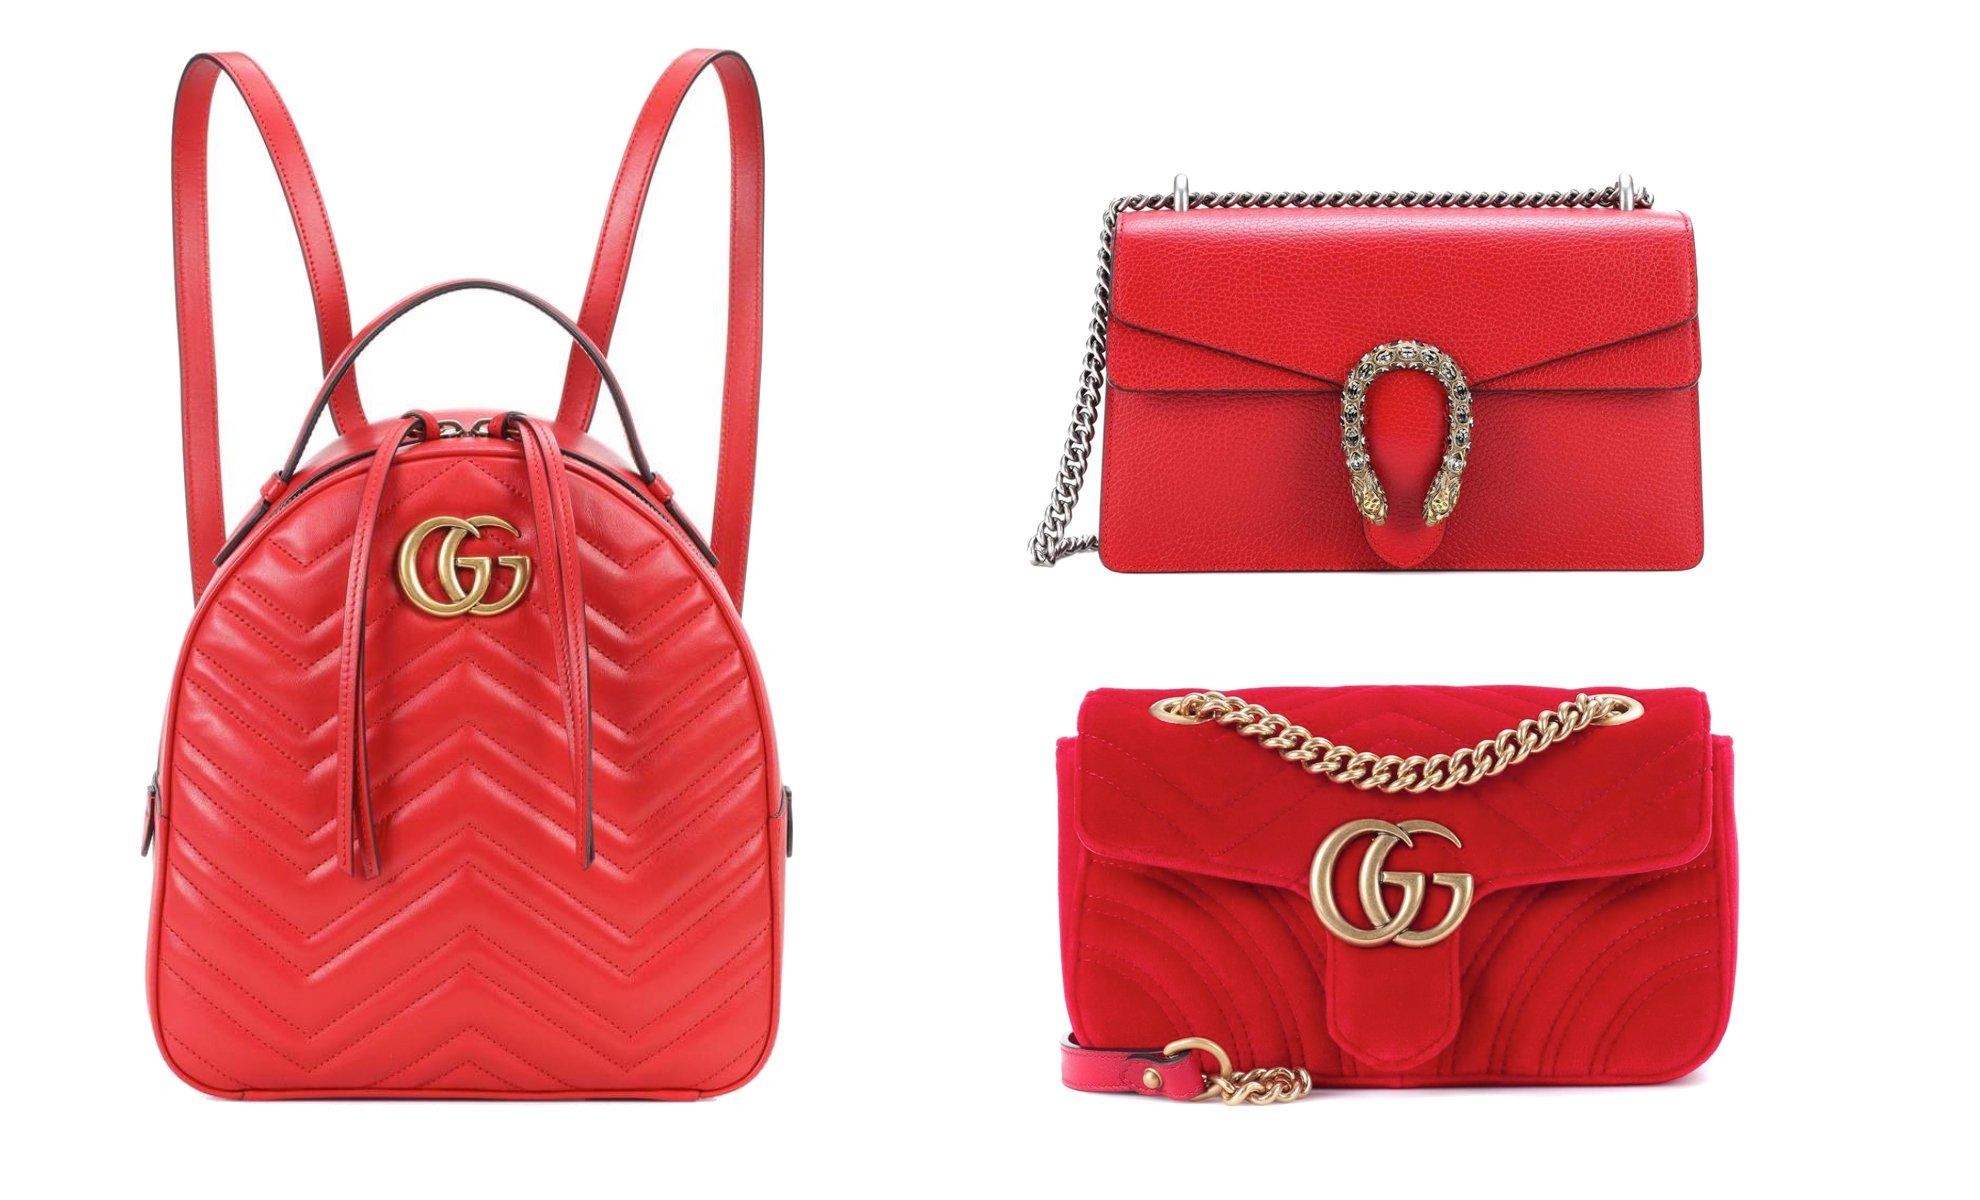 Rahat kalliiseen laukkuun vai mieluummin sijoitussalkkuun?